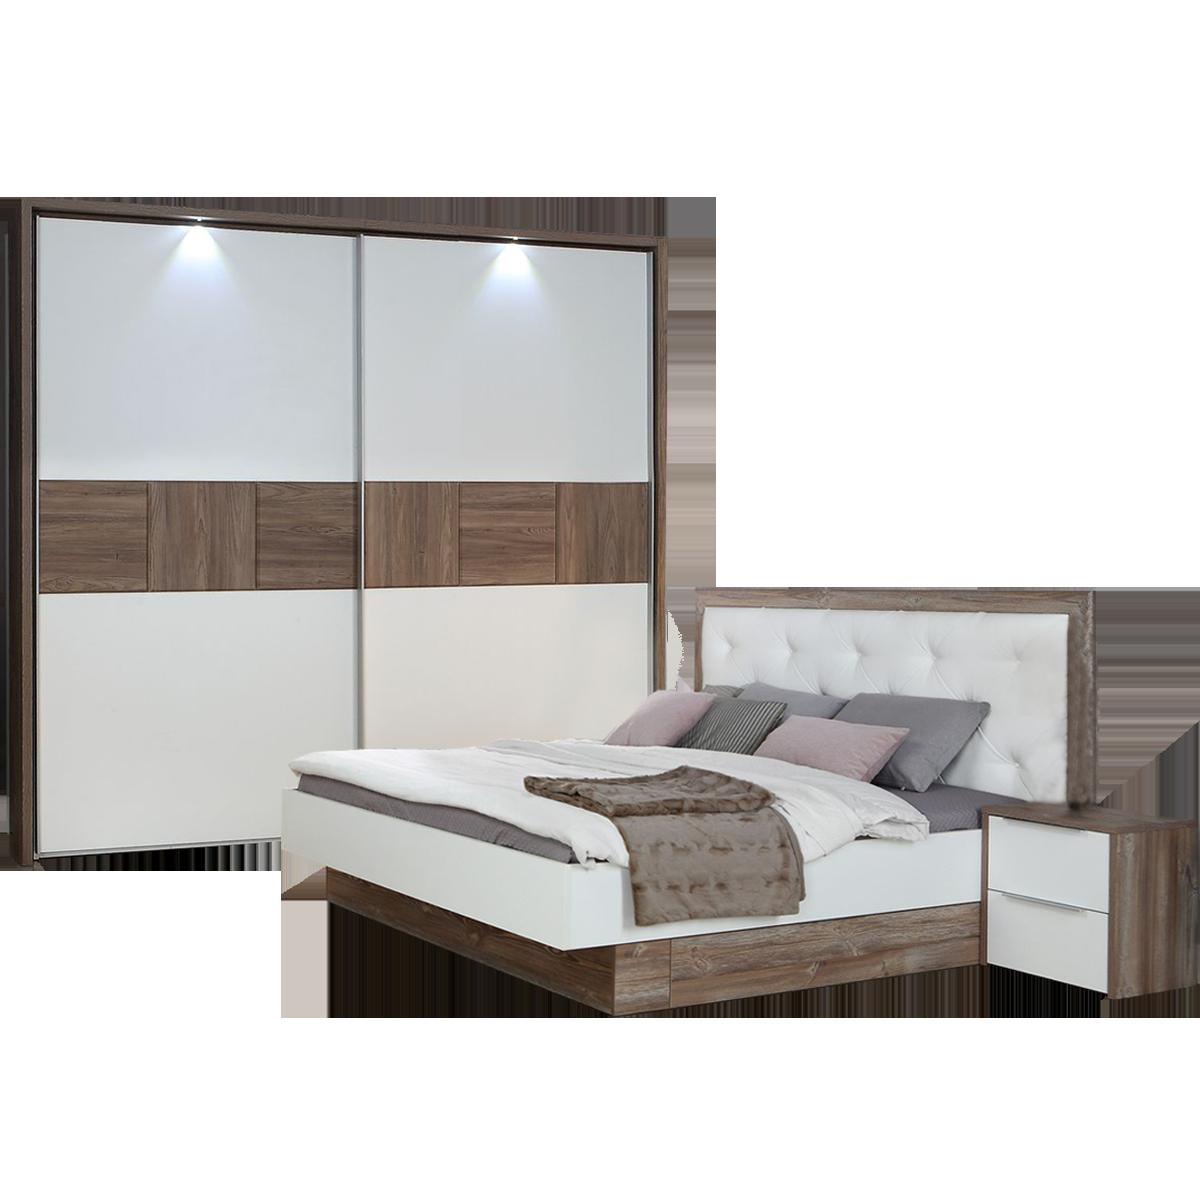 Forte Esporao Schlafzimmer Kombination Bettanlage Nachtkommoden Set